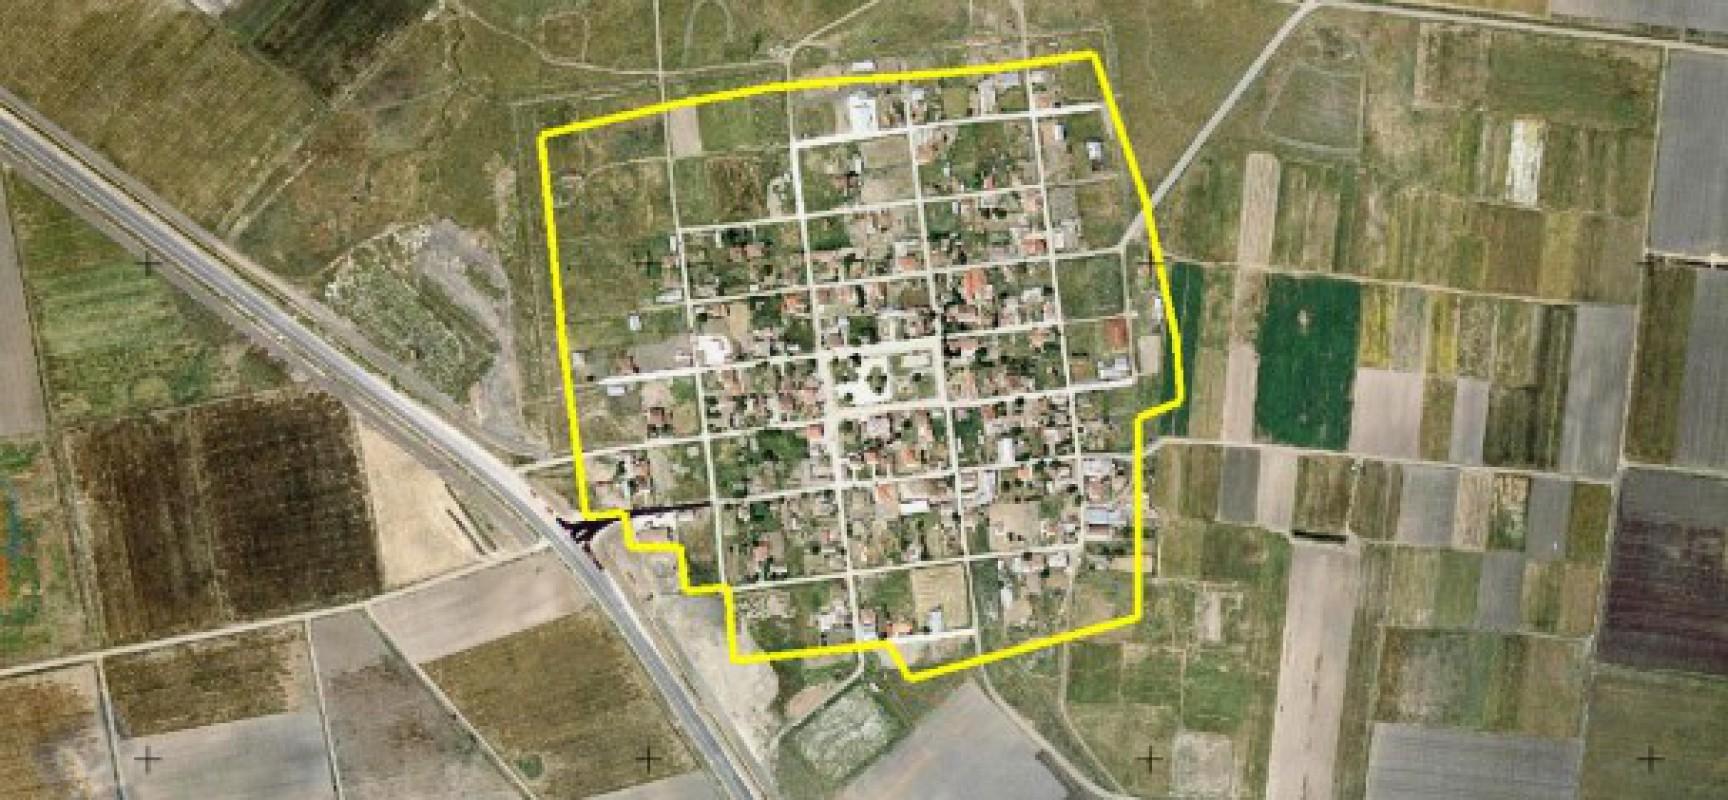 Νέα ενημέρωση για Οριοθετήσεις οικισμών Θραψιμίου, Νέου Ικονίου, Ρεντίνας